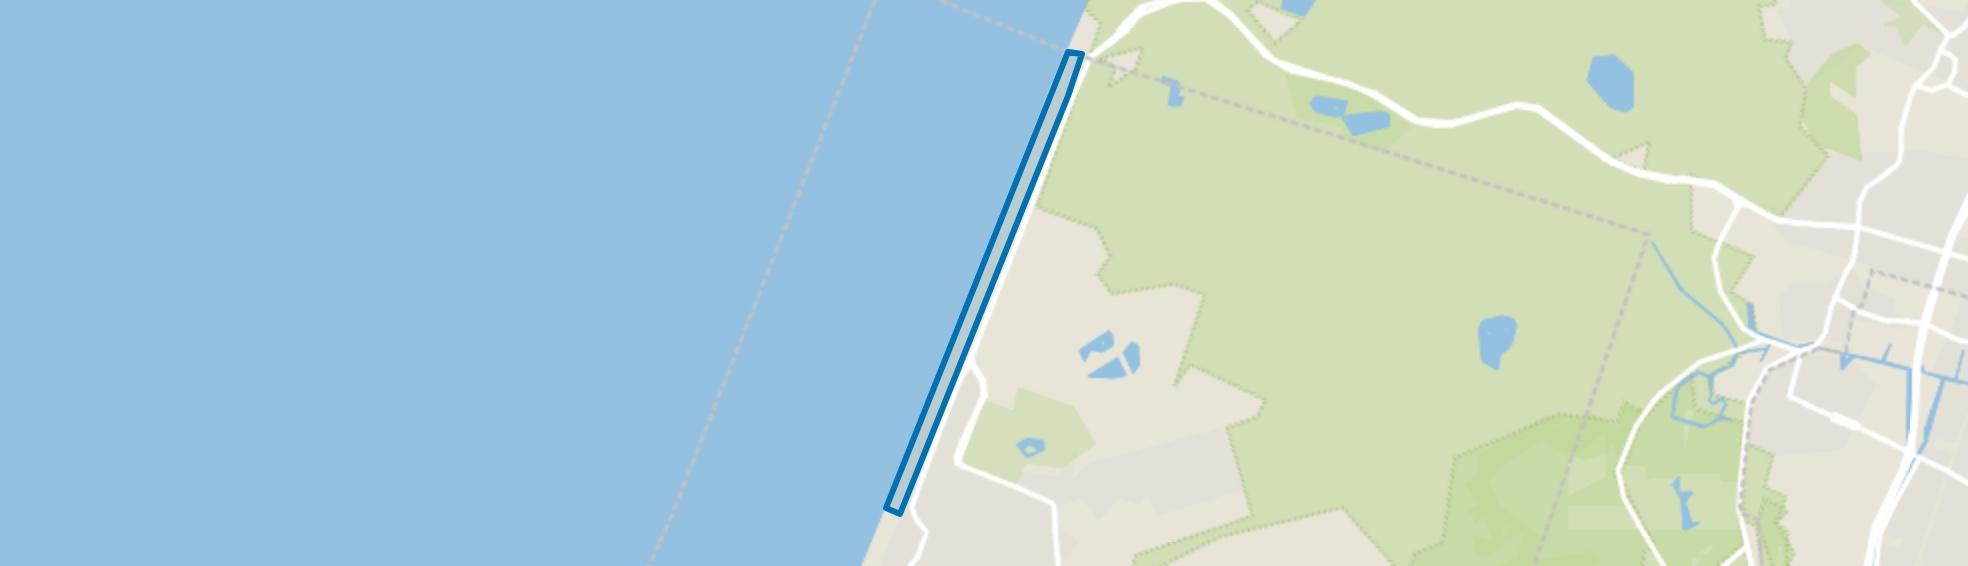 Noord strand, Zandvoort map